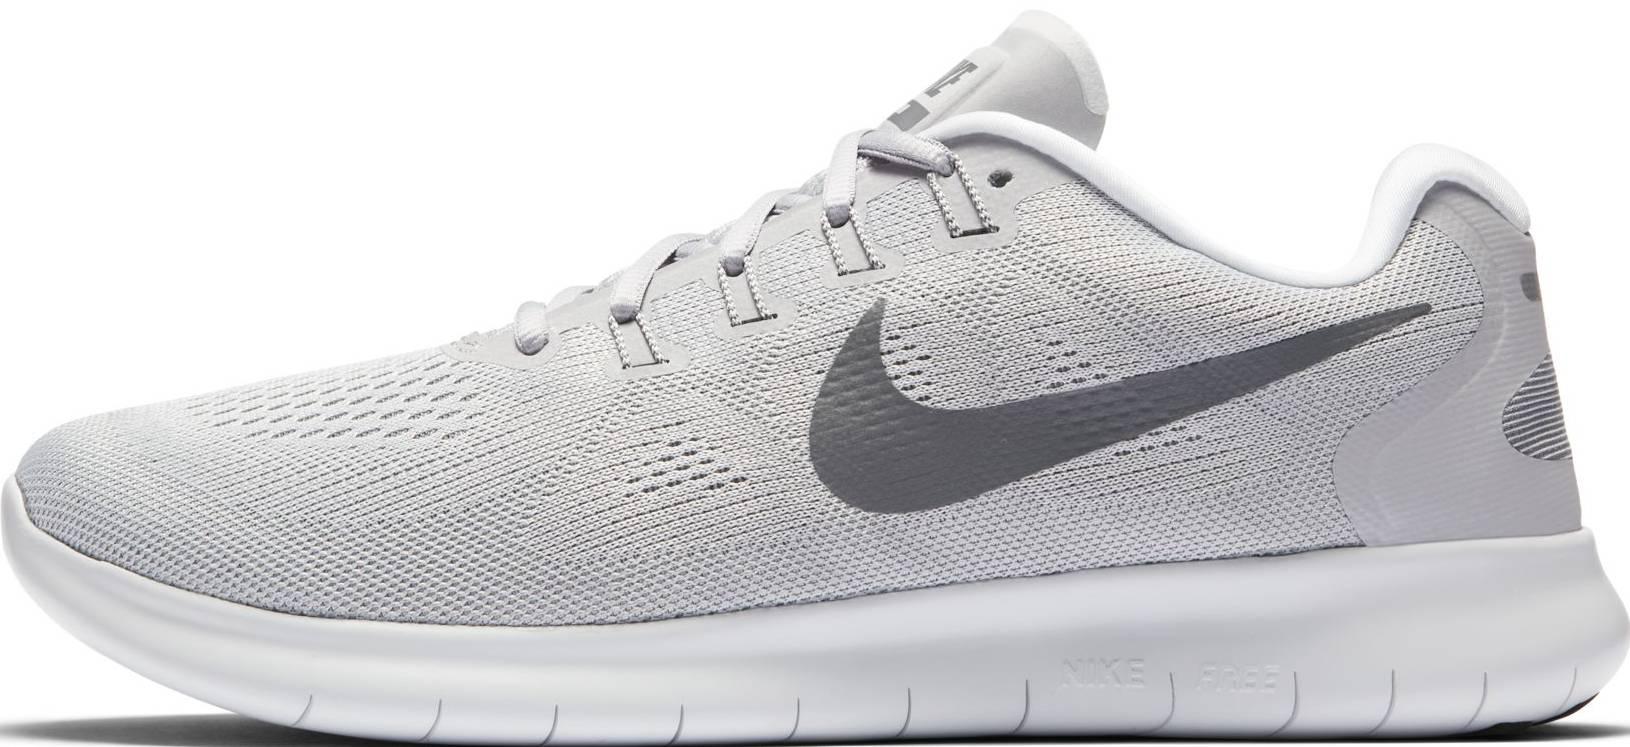 Sporgere Contravveleno Questi Nike Free Run 2017 Amazon Scambiare Dizionario Campana